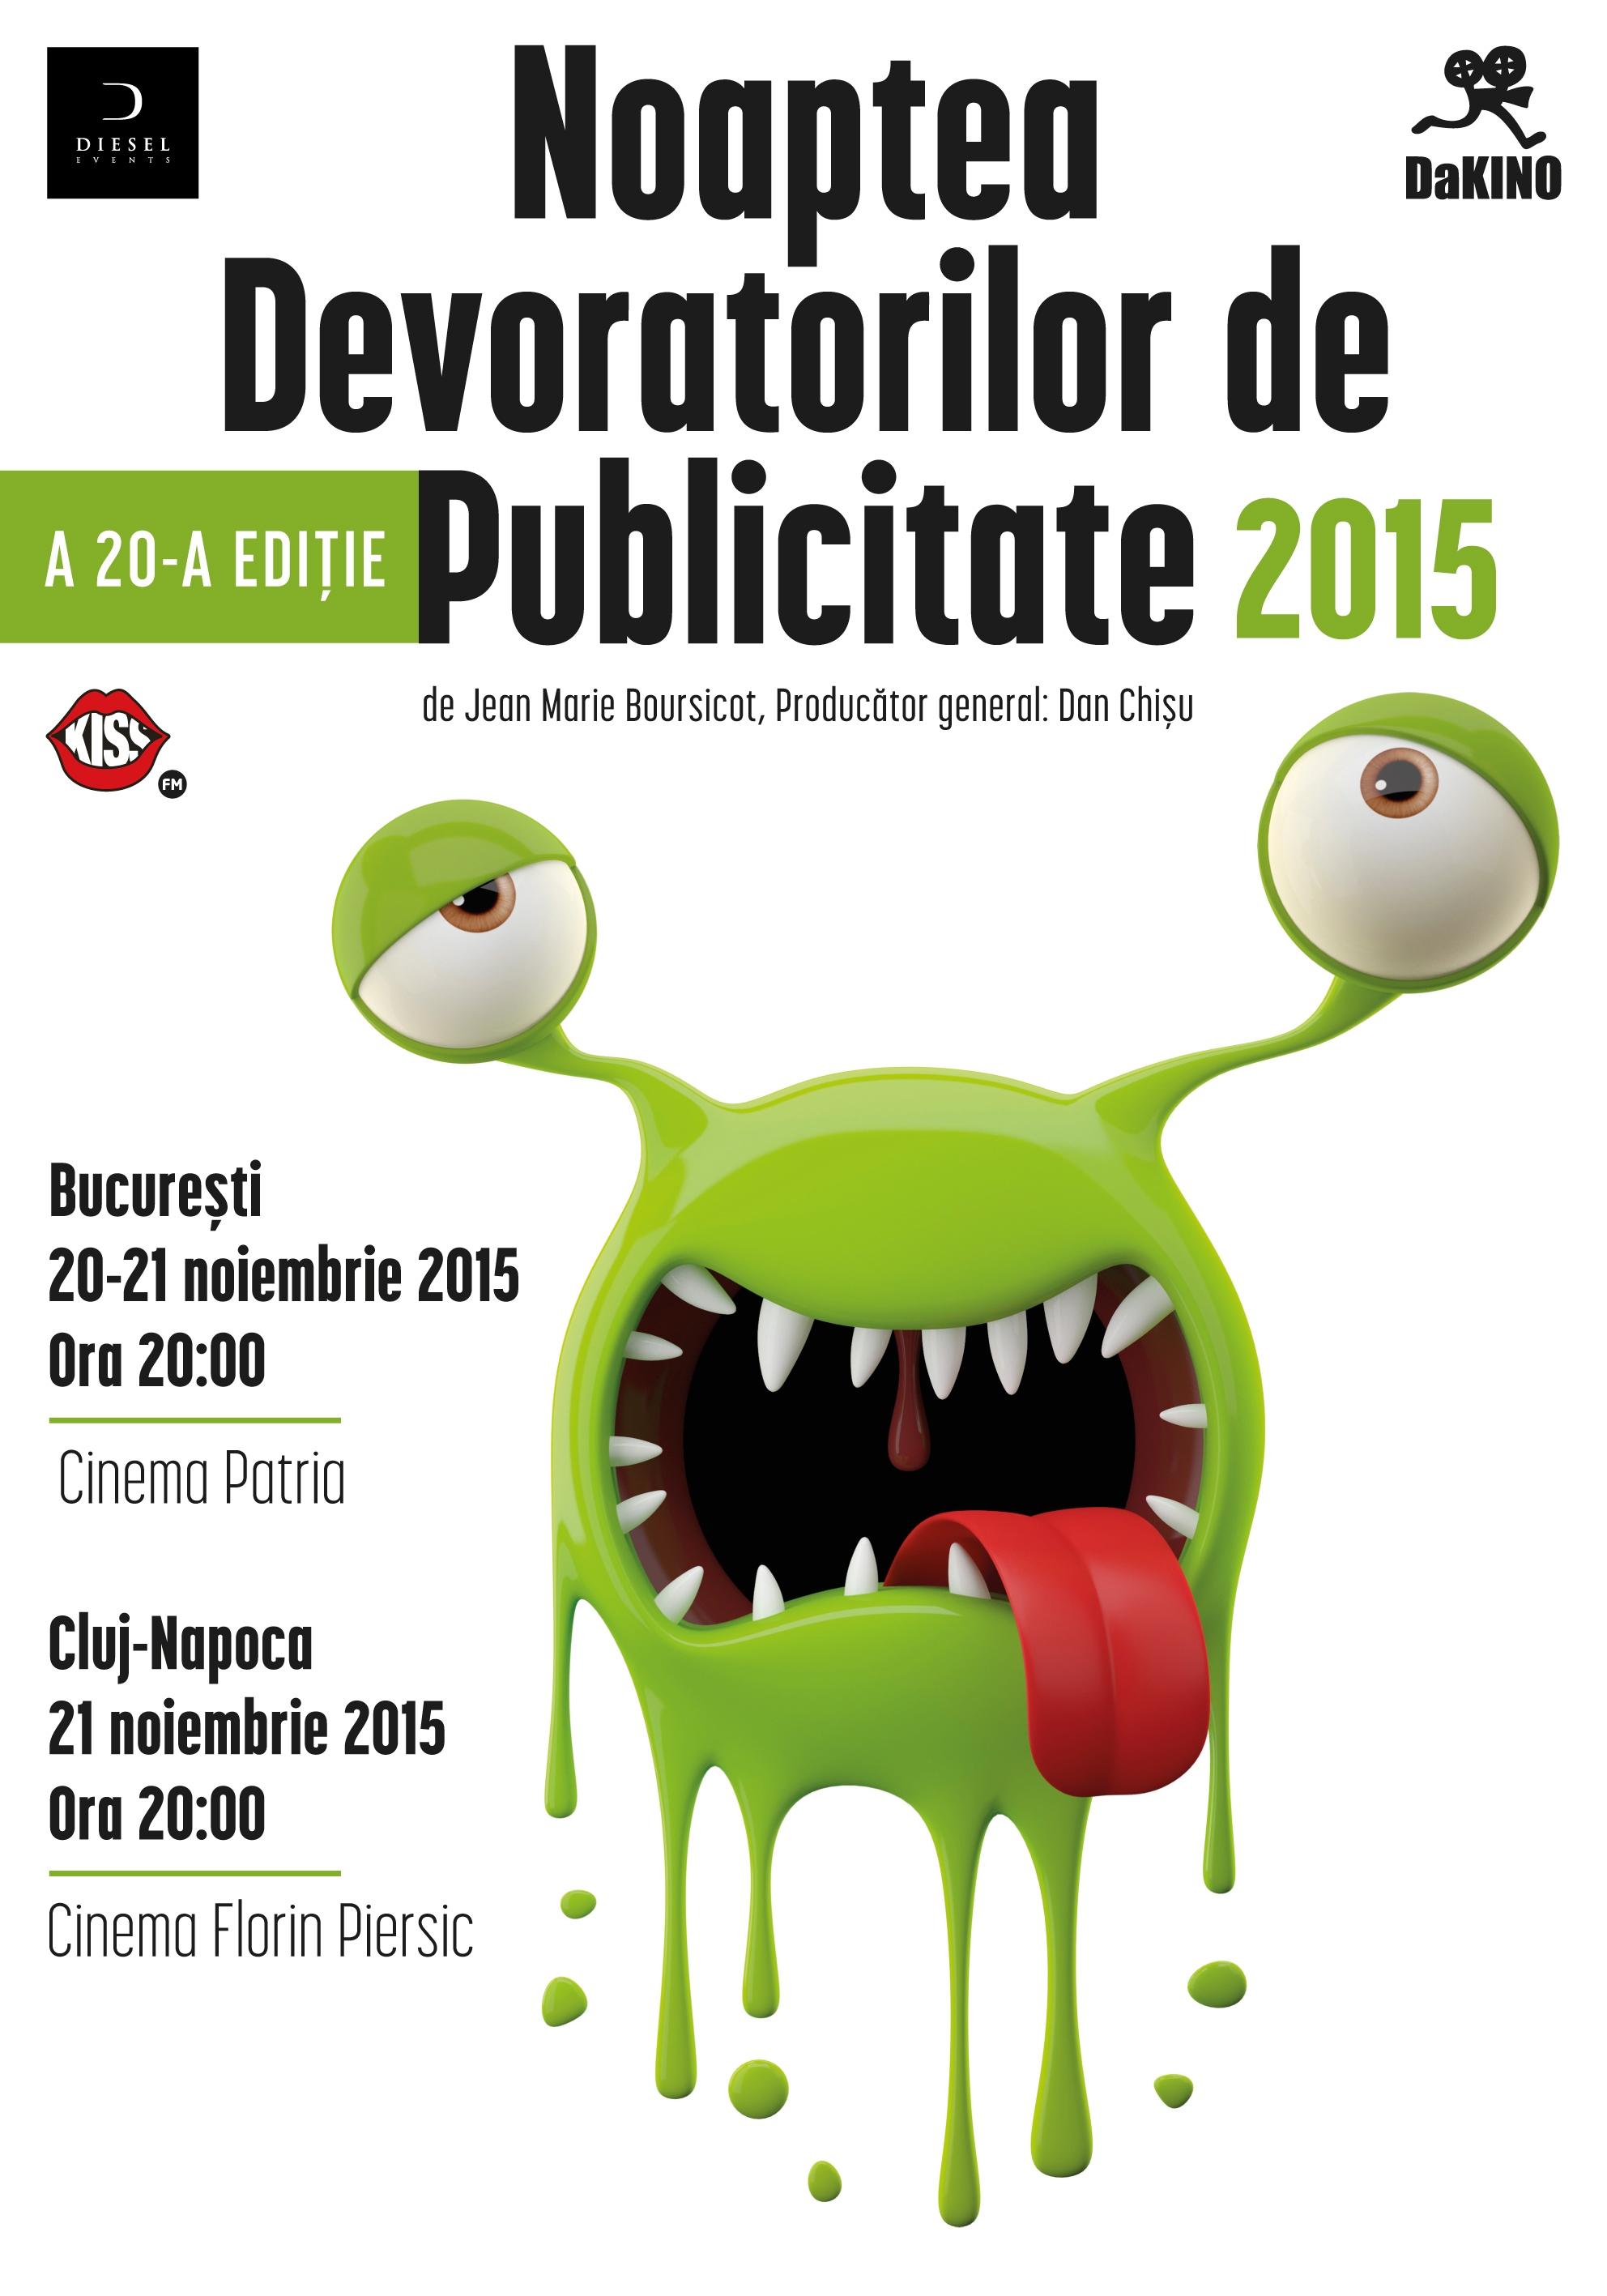 Noaptea Devoratorilor de Publicitate @ Cinema Florin Piersic